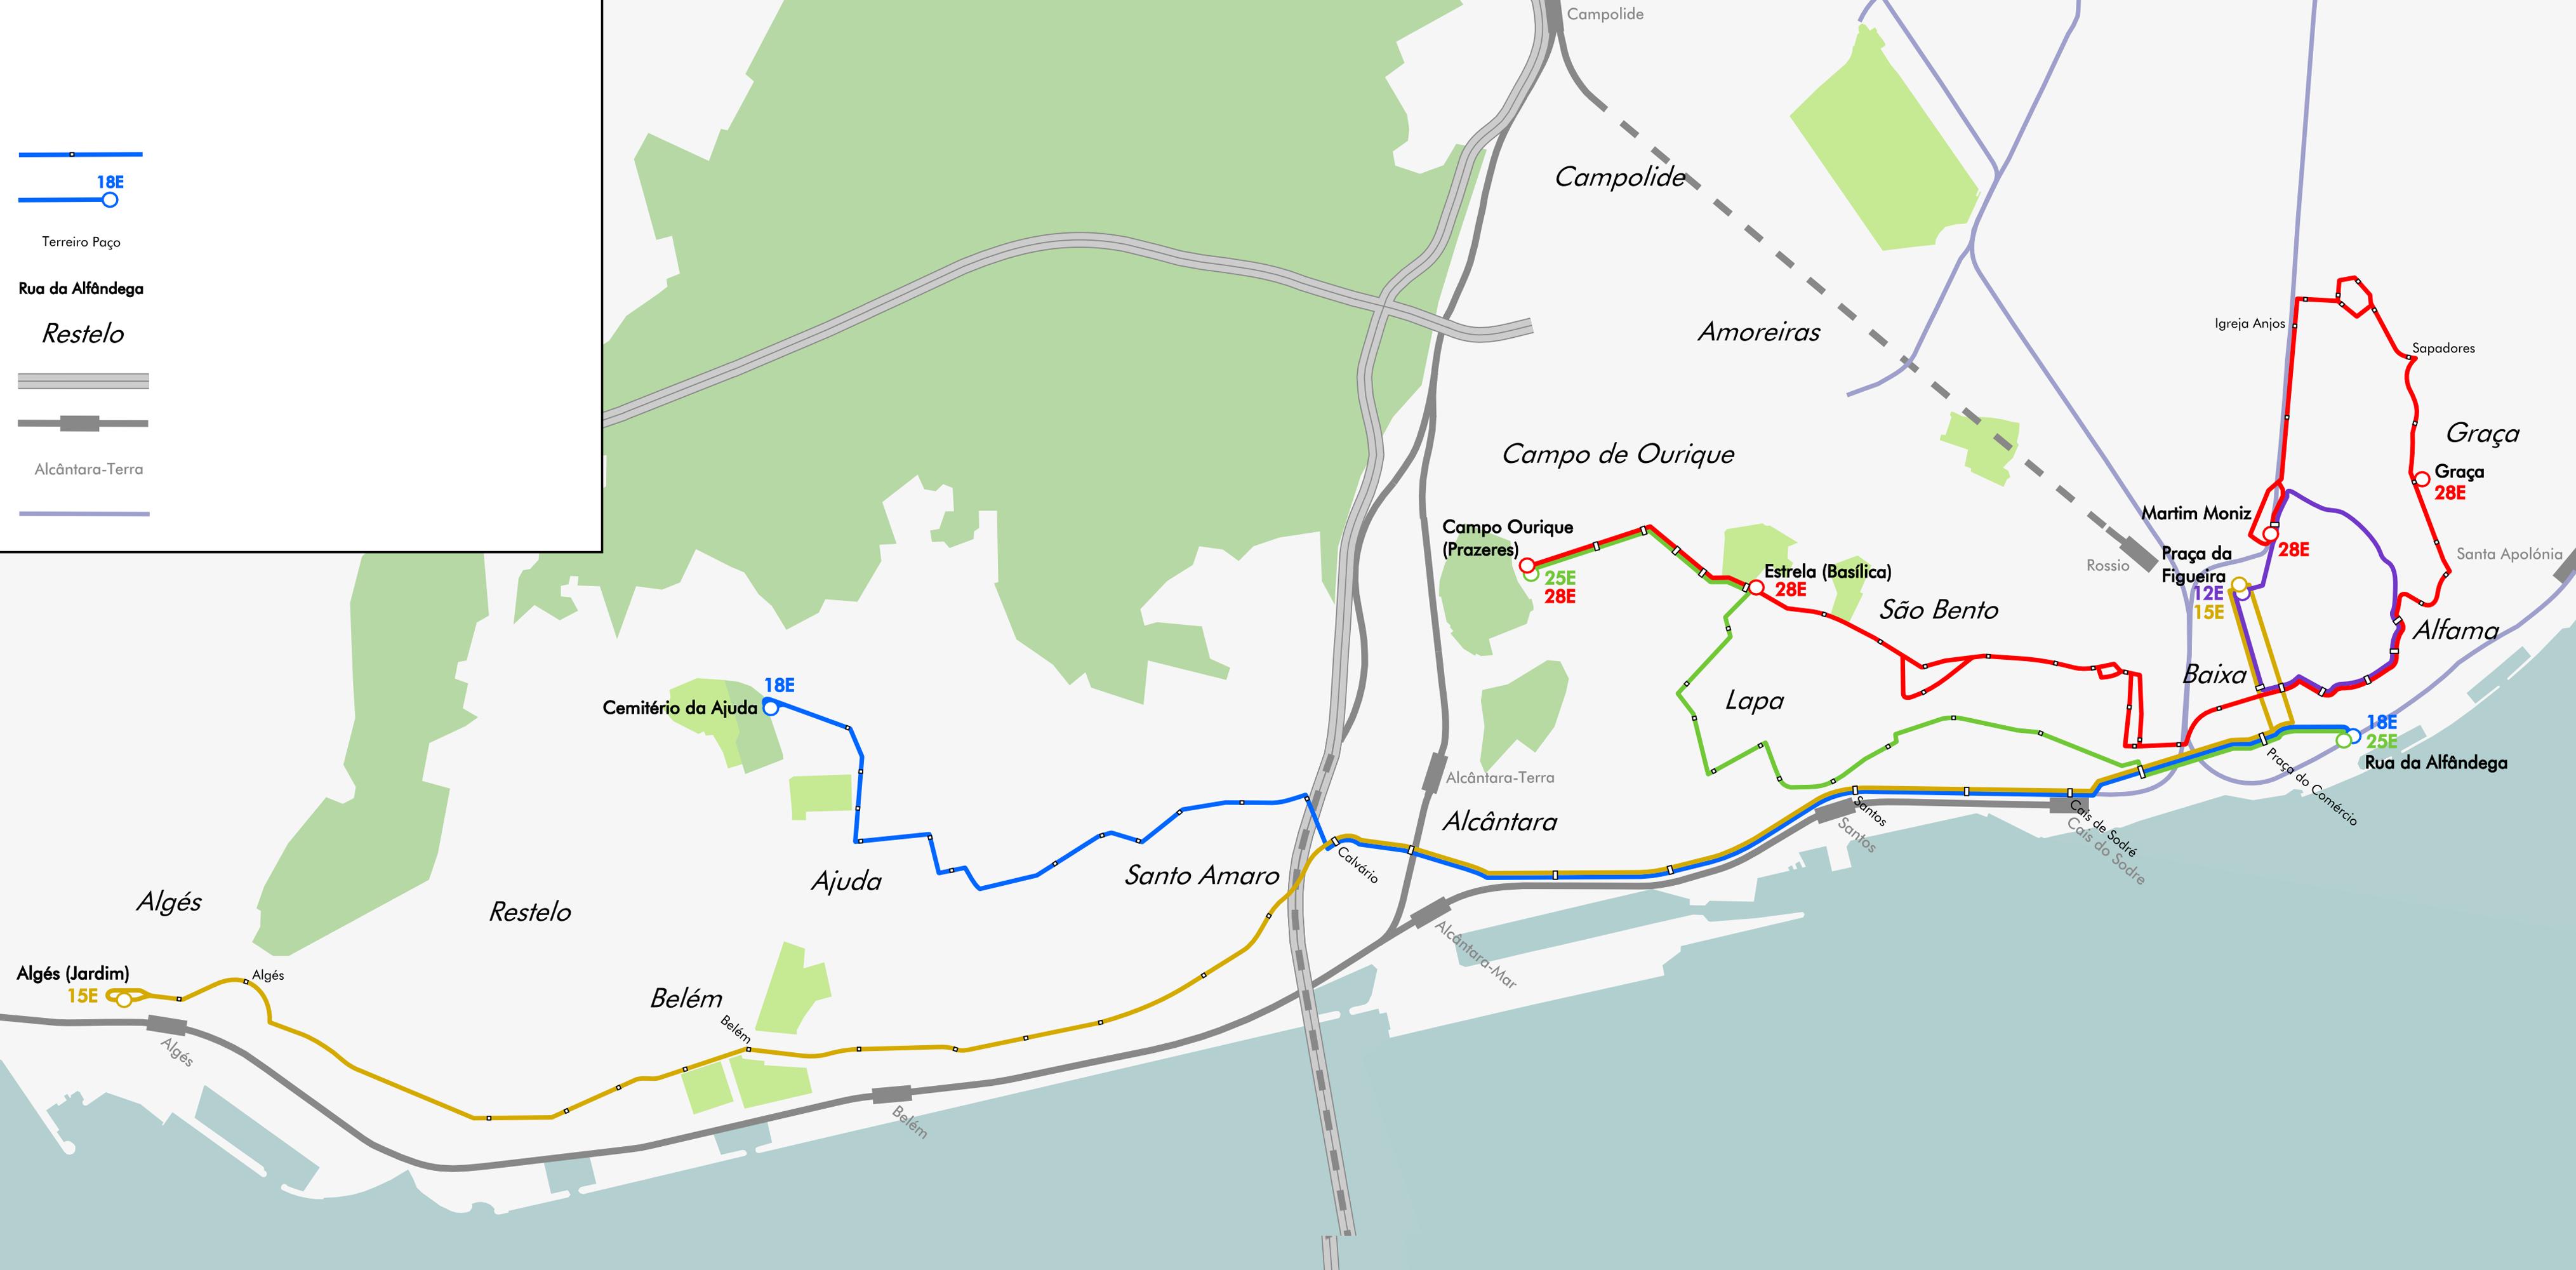 Tram_map_Lisbon_2011